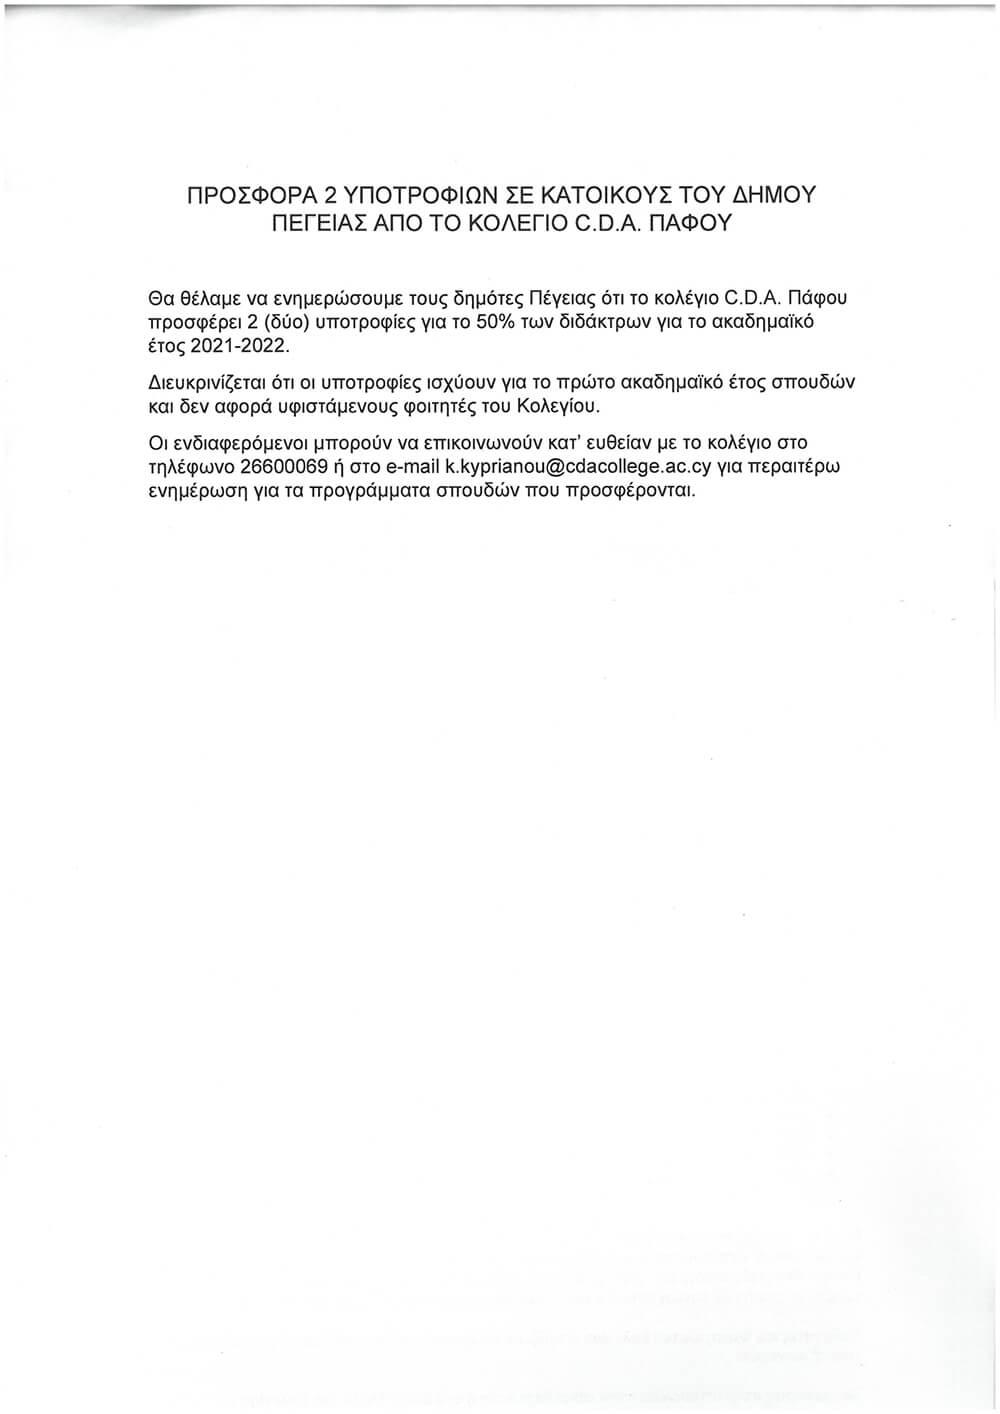 Προσφορά 2 υποτροφιών σε κατοίκους του δήμου Πέγειας απο το κολέγιο C.D.A. Πάφου